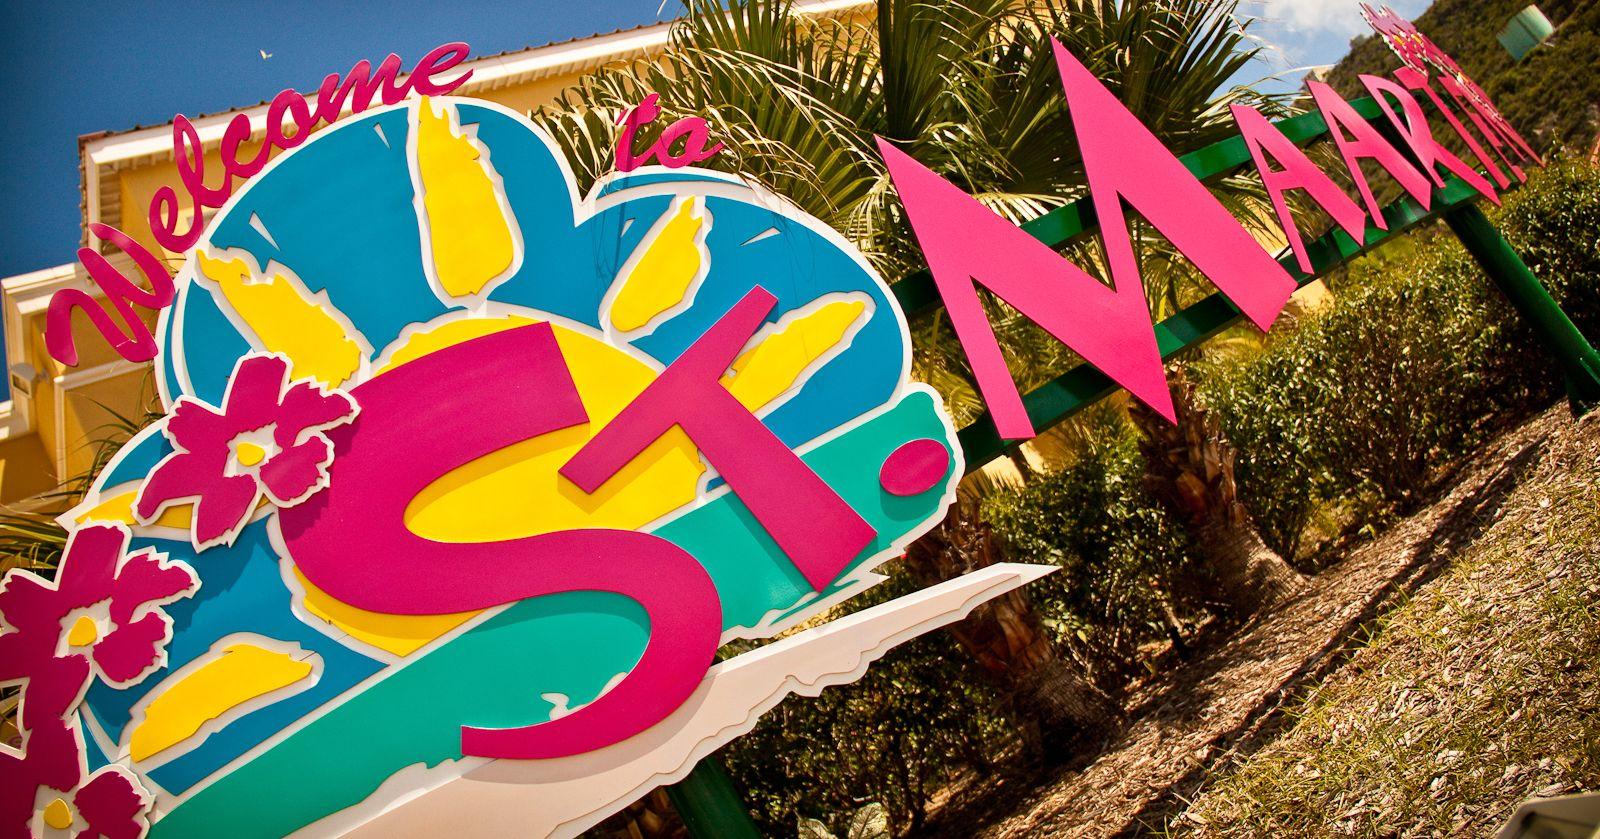 Sint Maarten Island PJ7/G3TXF DX News